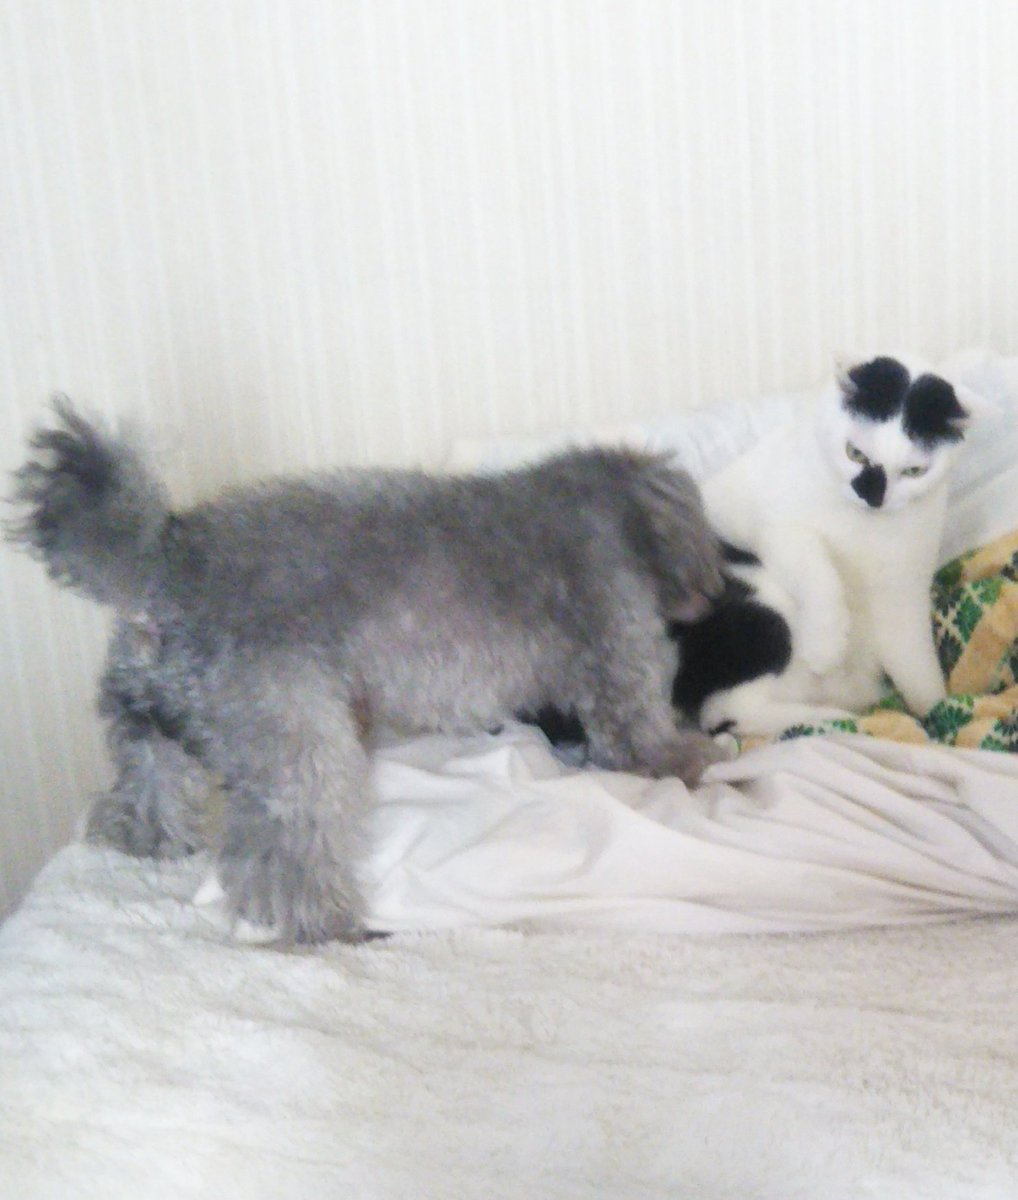 今朝の、猫をかまいすぎてしかられる犬。犬「ねえねえ!ねえねえ!」猫「いいかげんにしろ」犬「いひゃああああぁぁあああ」